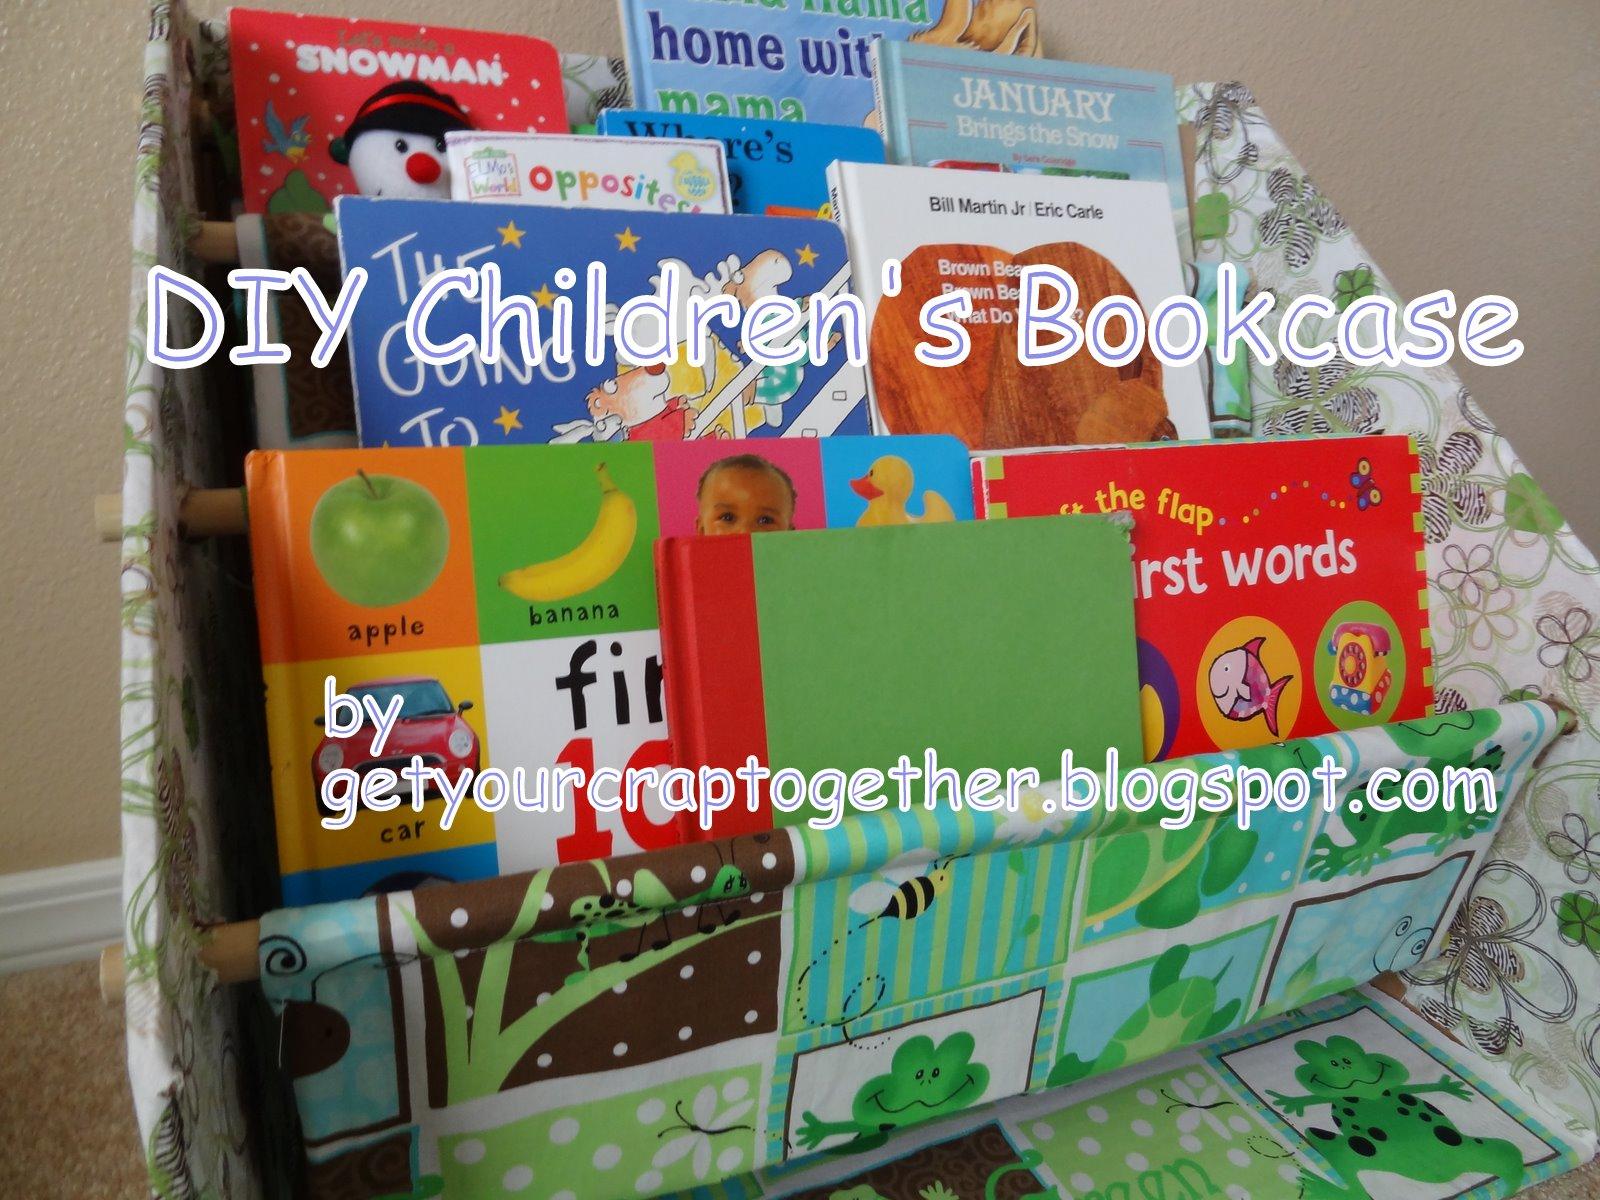 Diy Children S Bookcase By Gyct